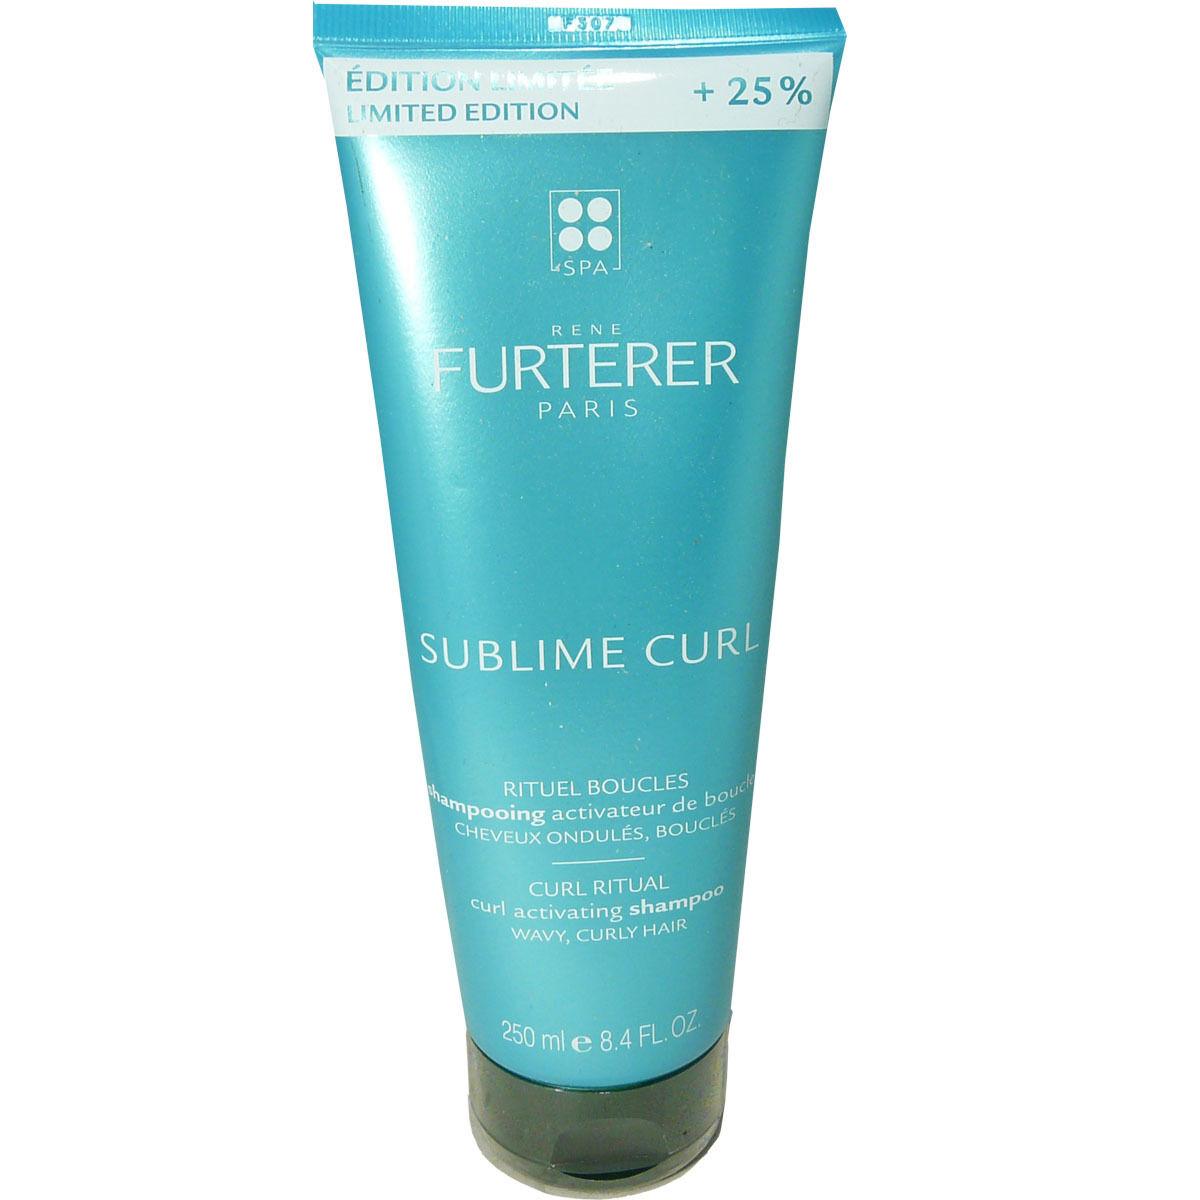 RENE FURTERER Nsfp furterer sublime curl shampooing 250 ml cheveux ondules